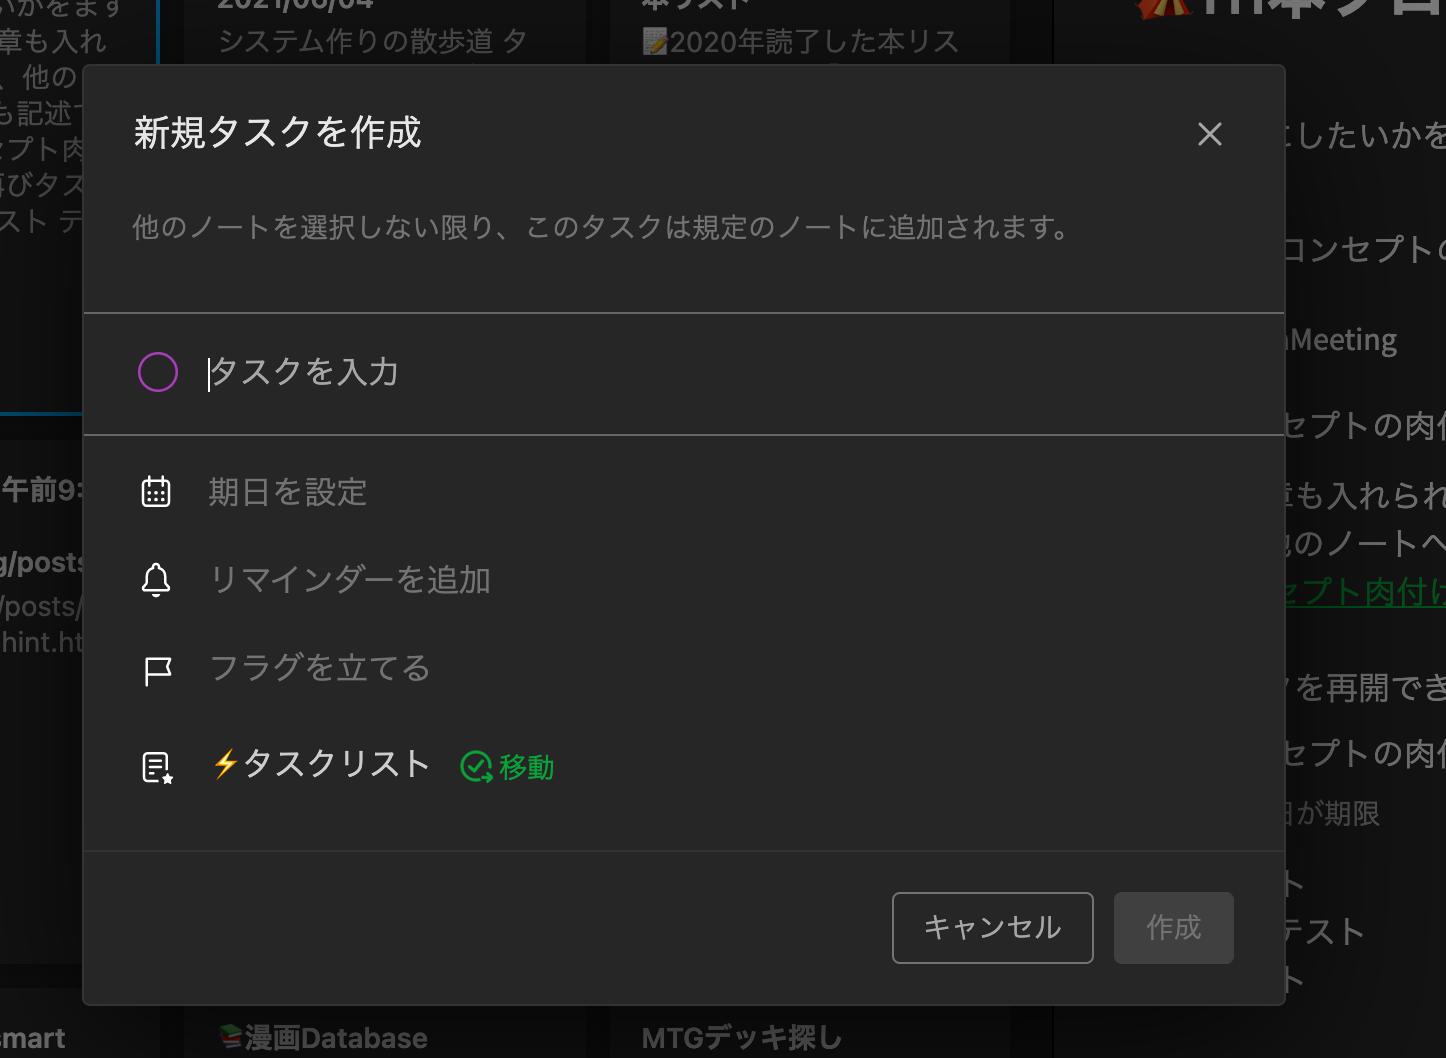 スクリーンショット 2021-06-04 18.24.31